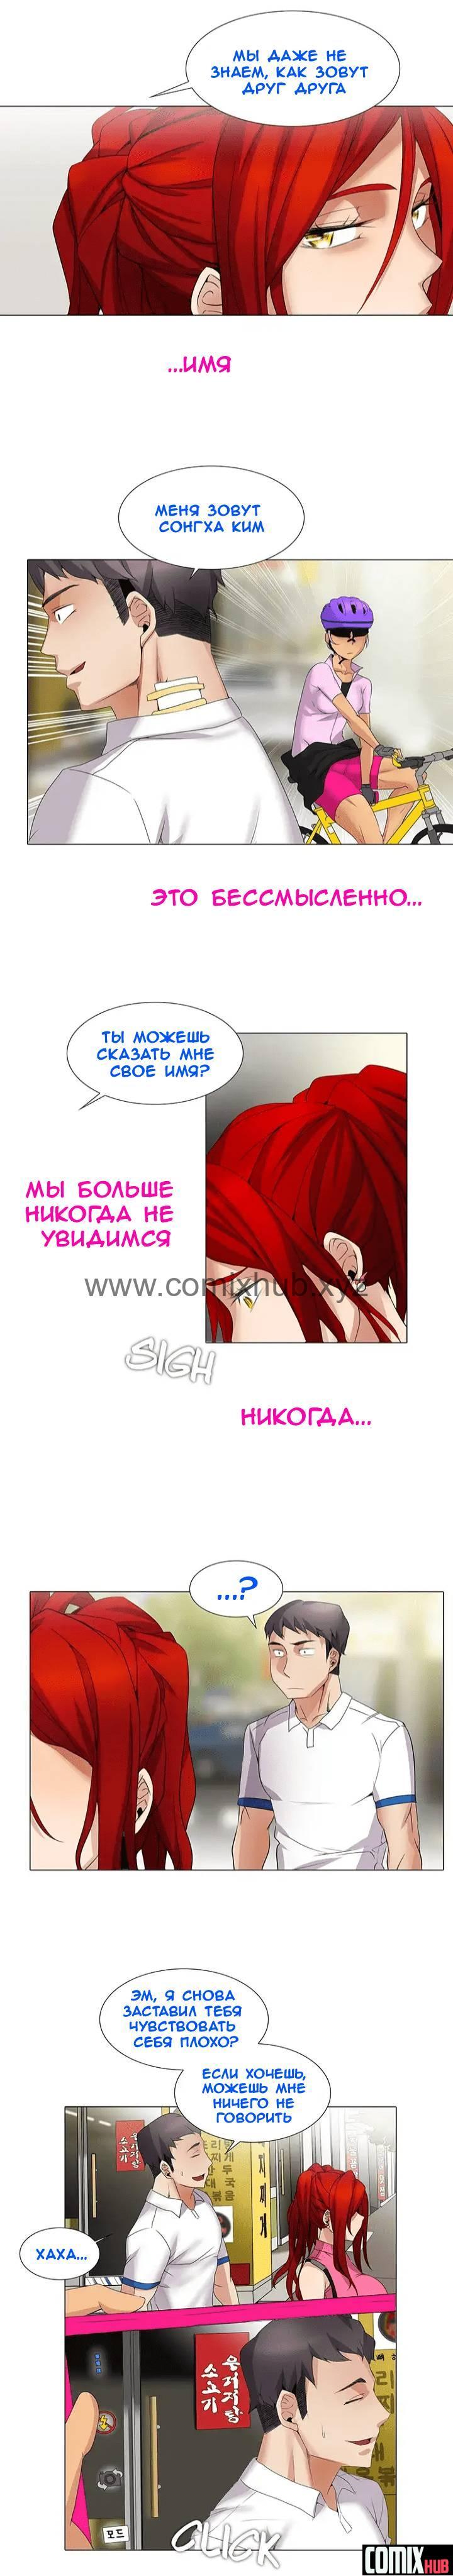 Манхва Художники для взрослых, часть 16 Без цензуры, Большая грудь, Большая попа